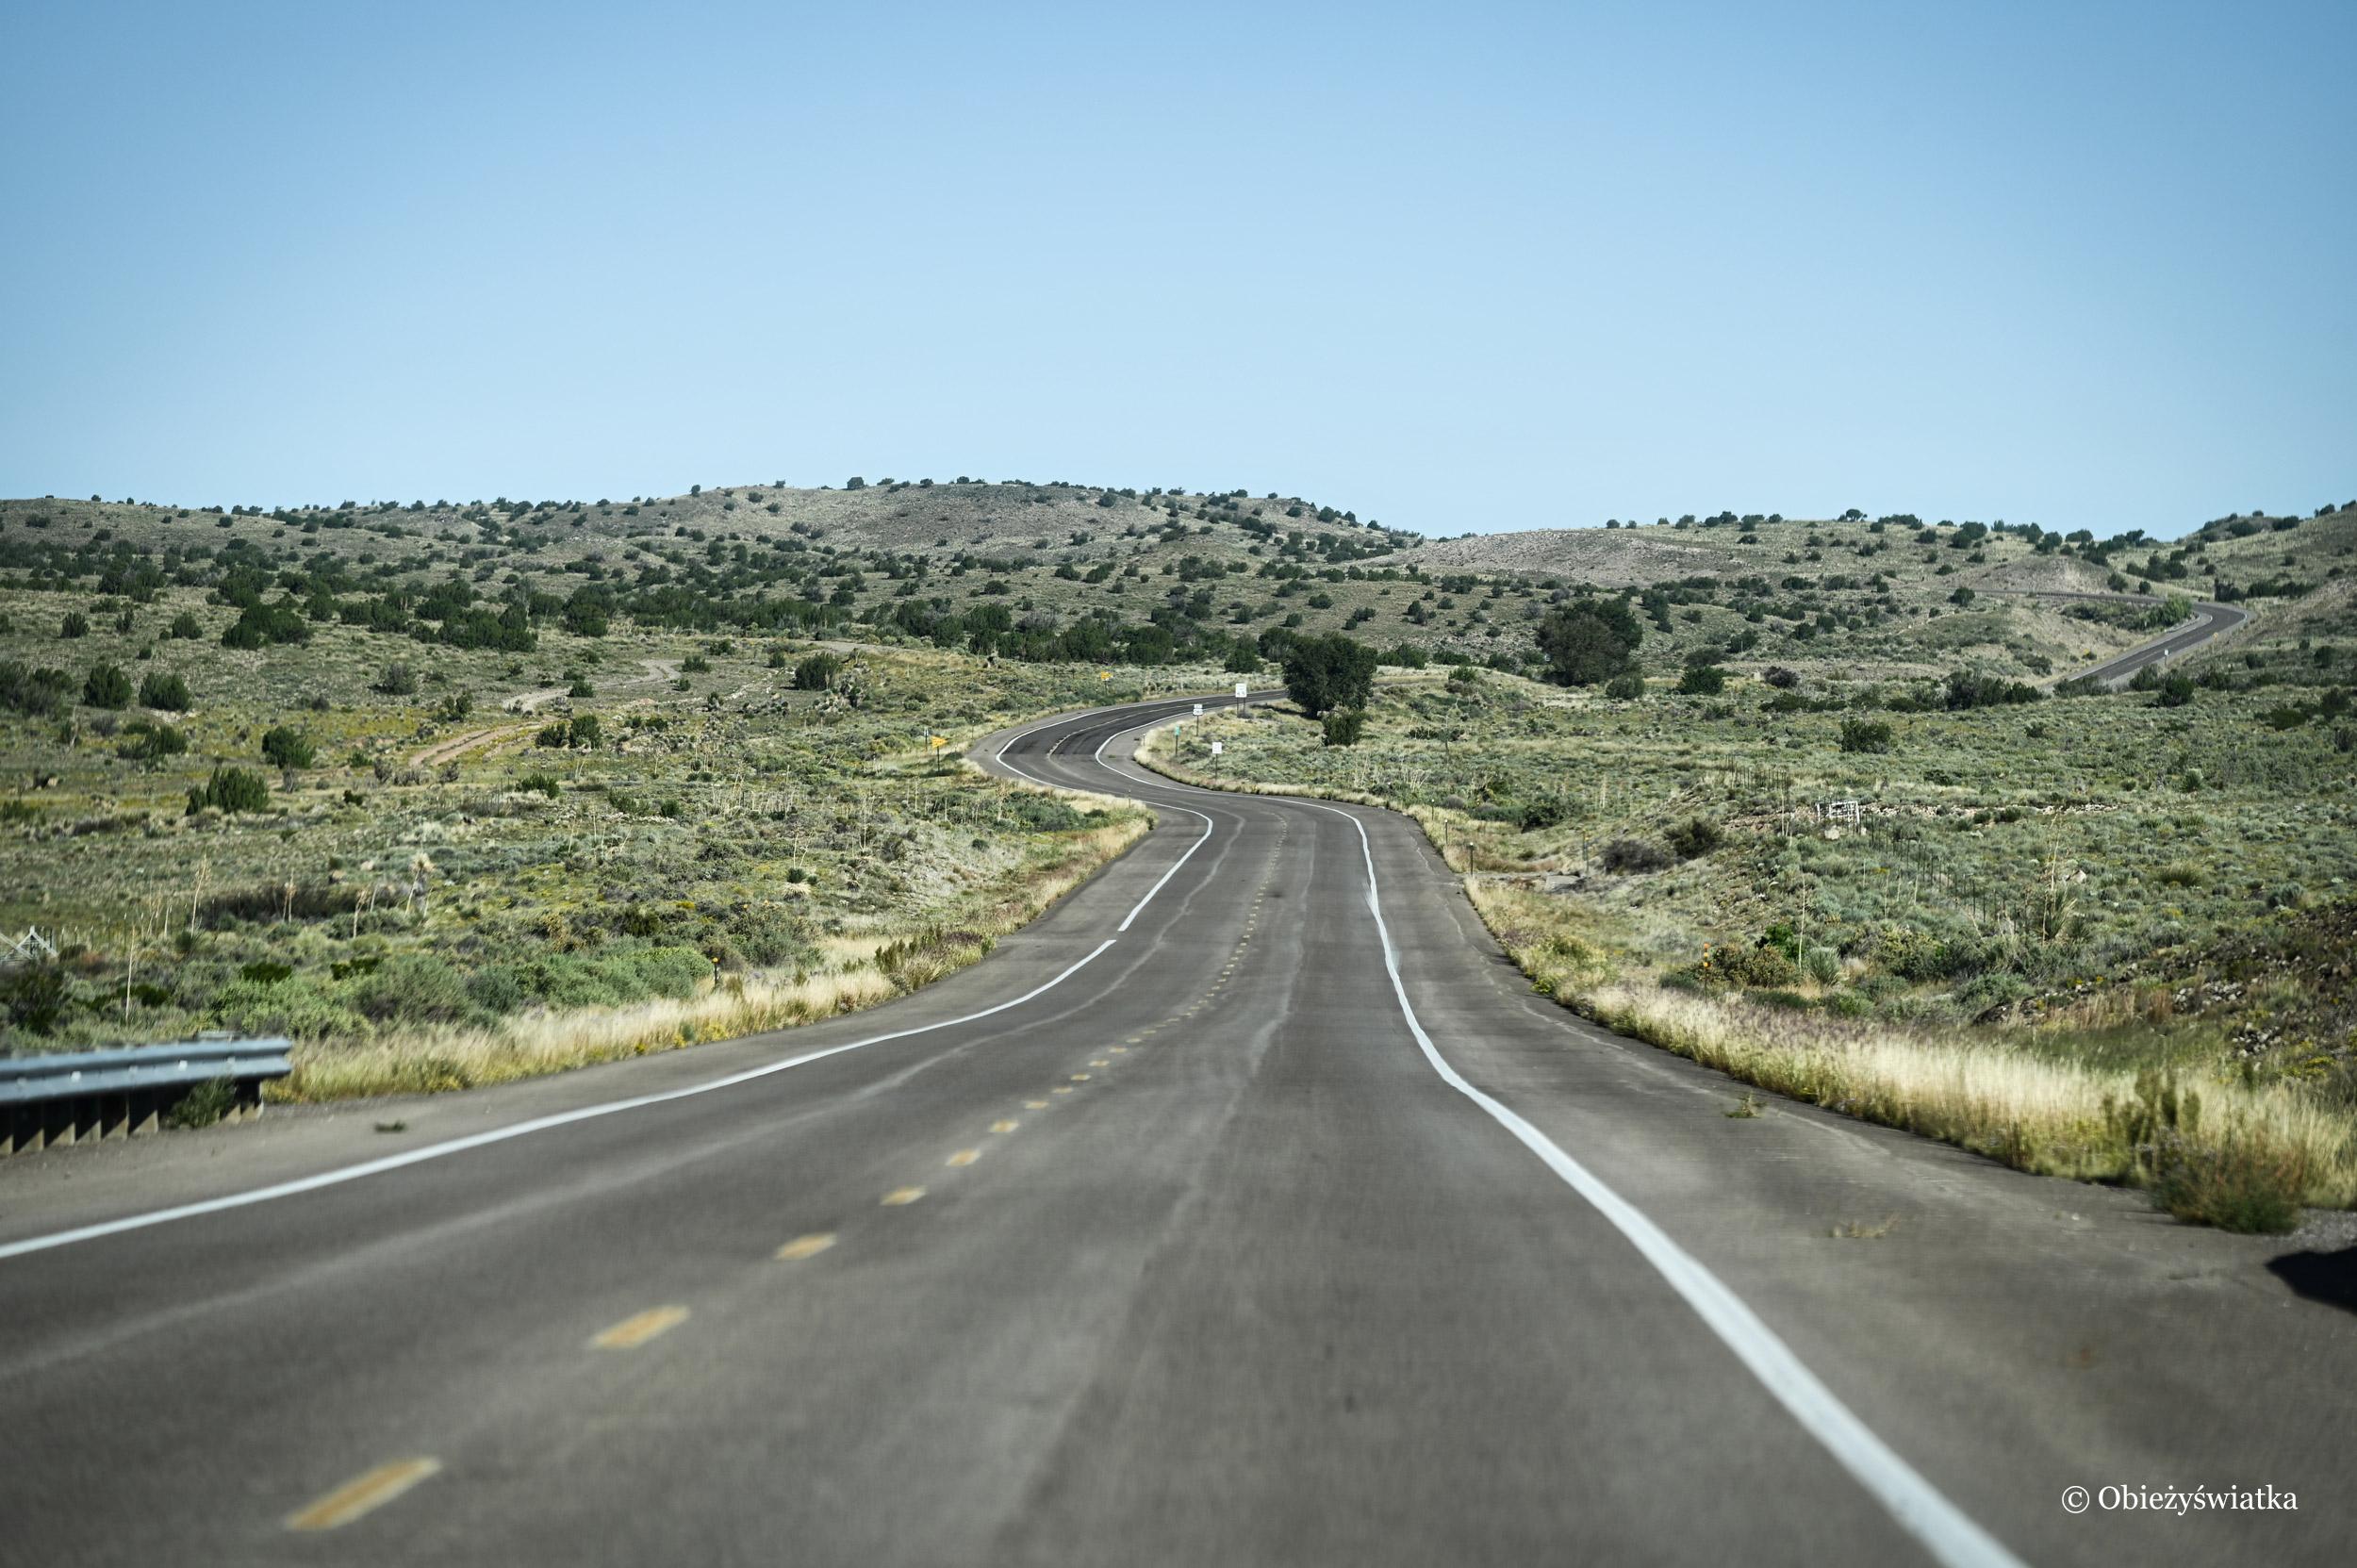 Jadąc przez Nowy Meksyk...